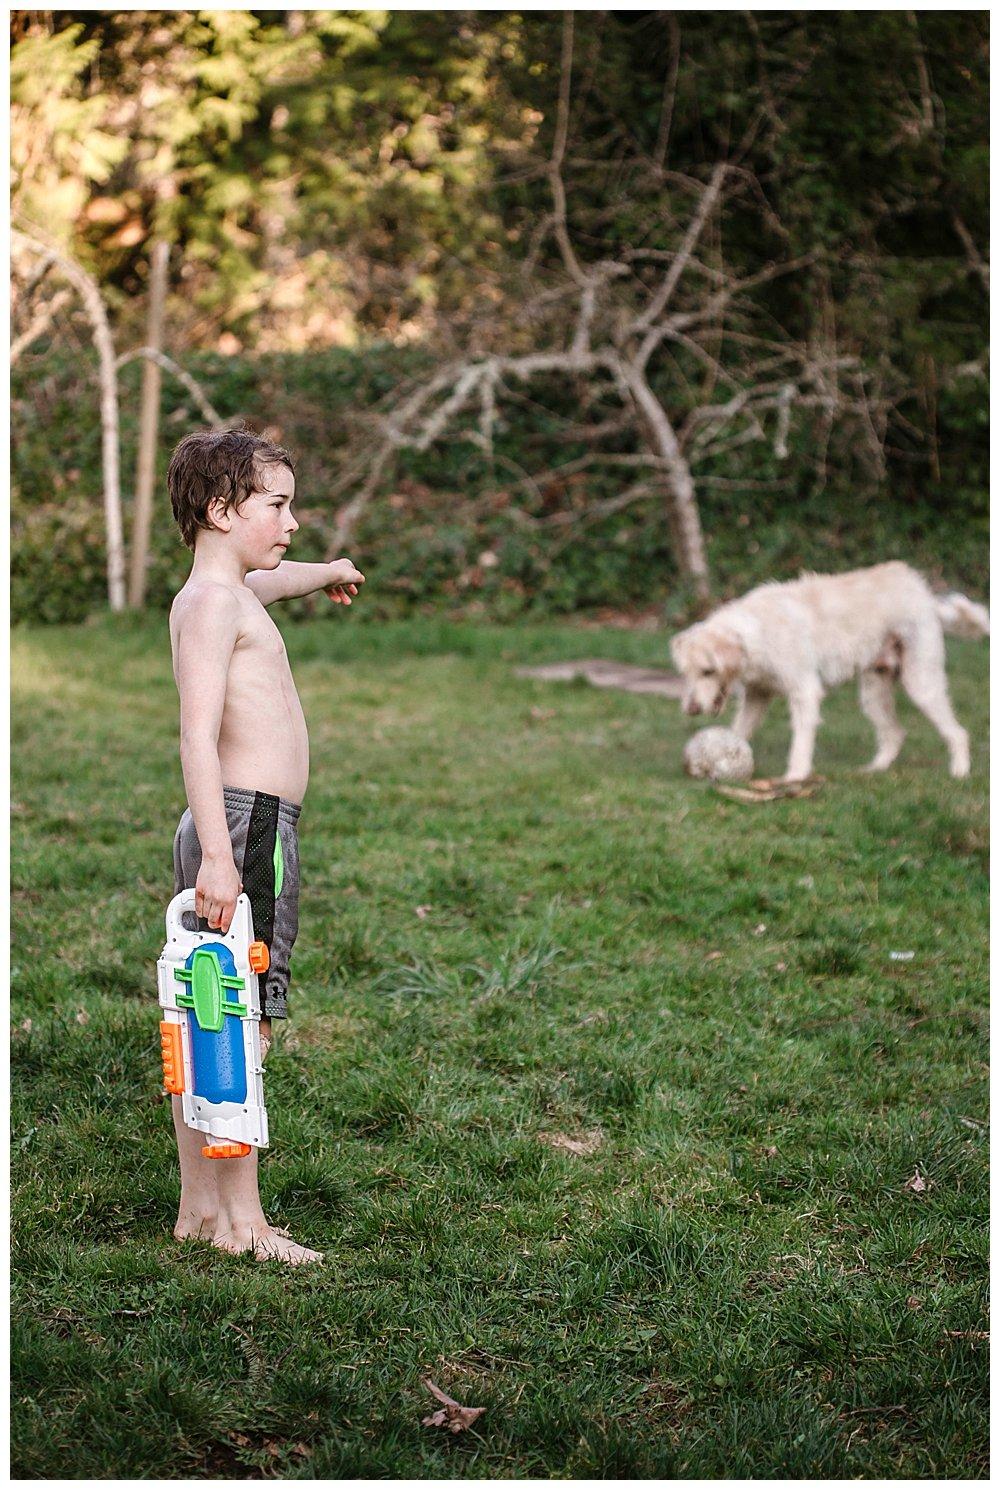 Apollo spraying Frodo with a water gun.